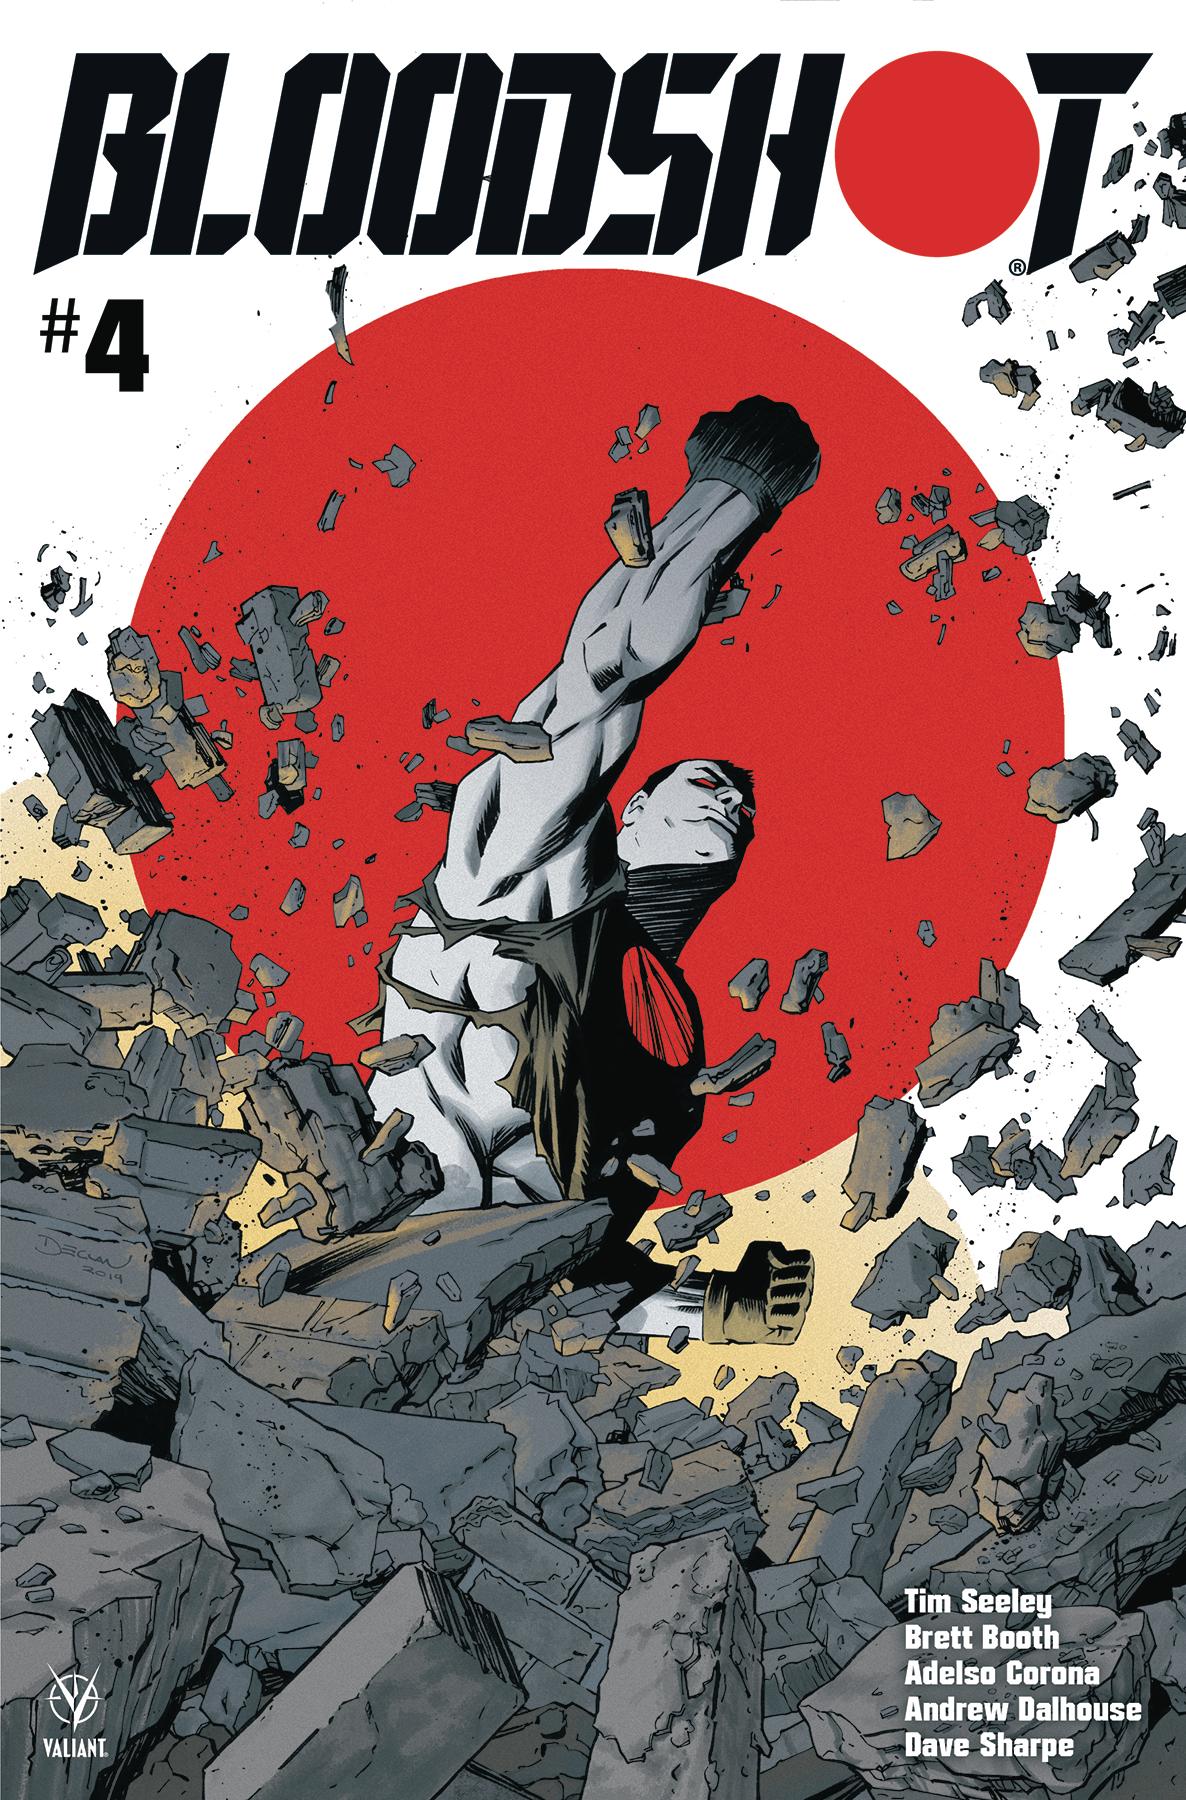 Bloodshot #4. Valiant